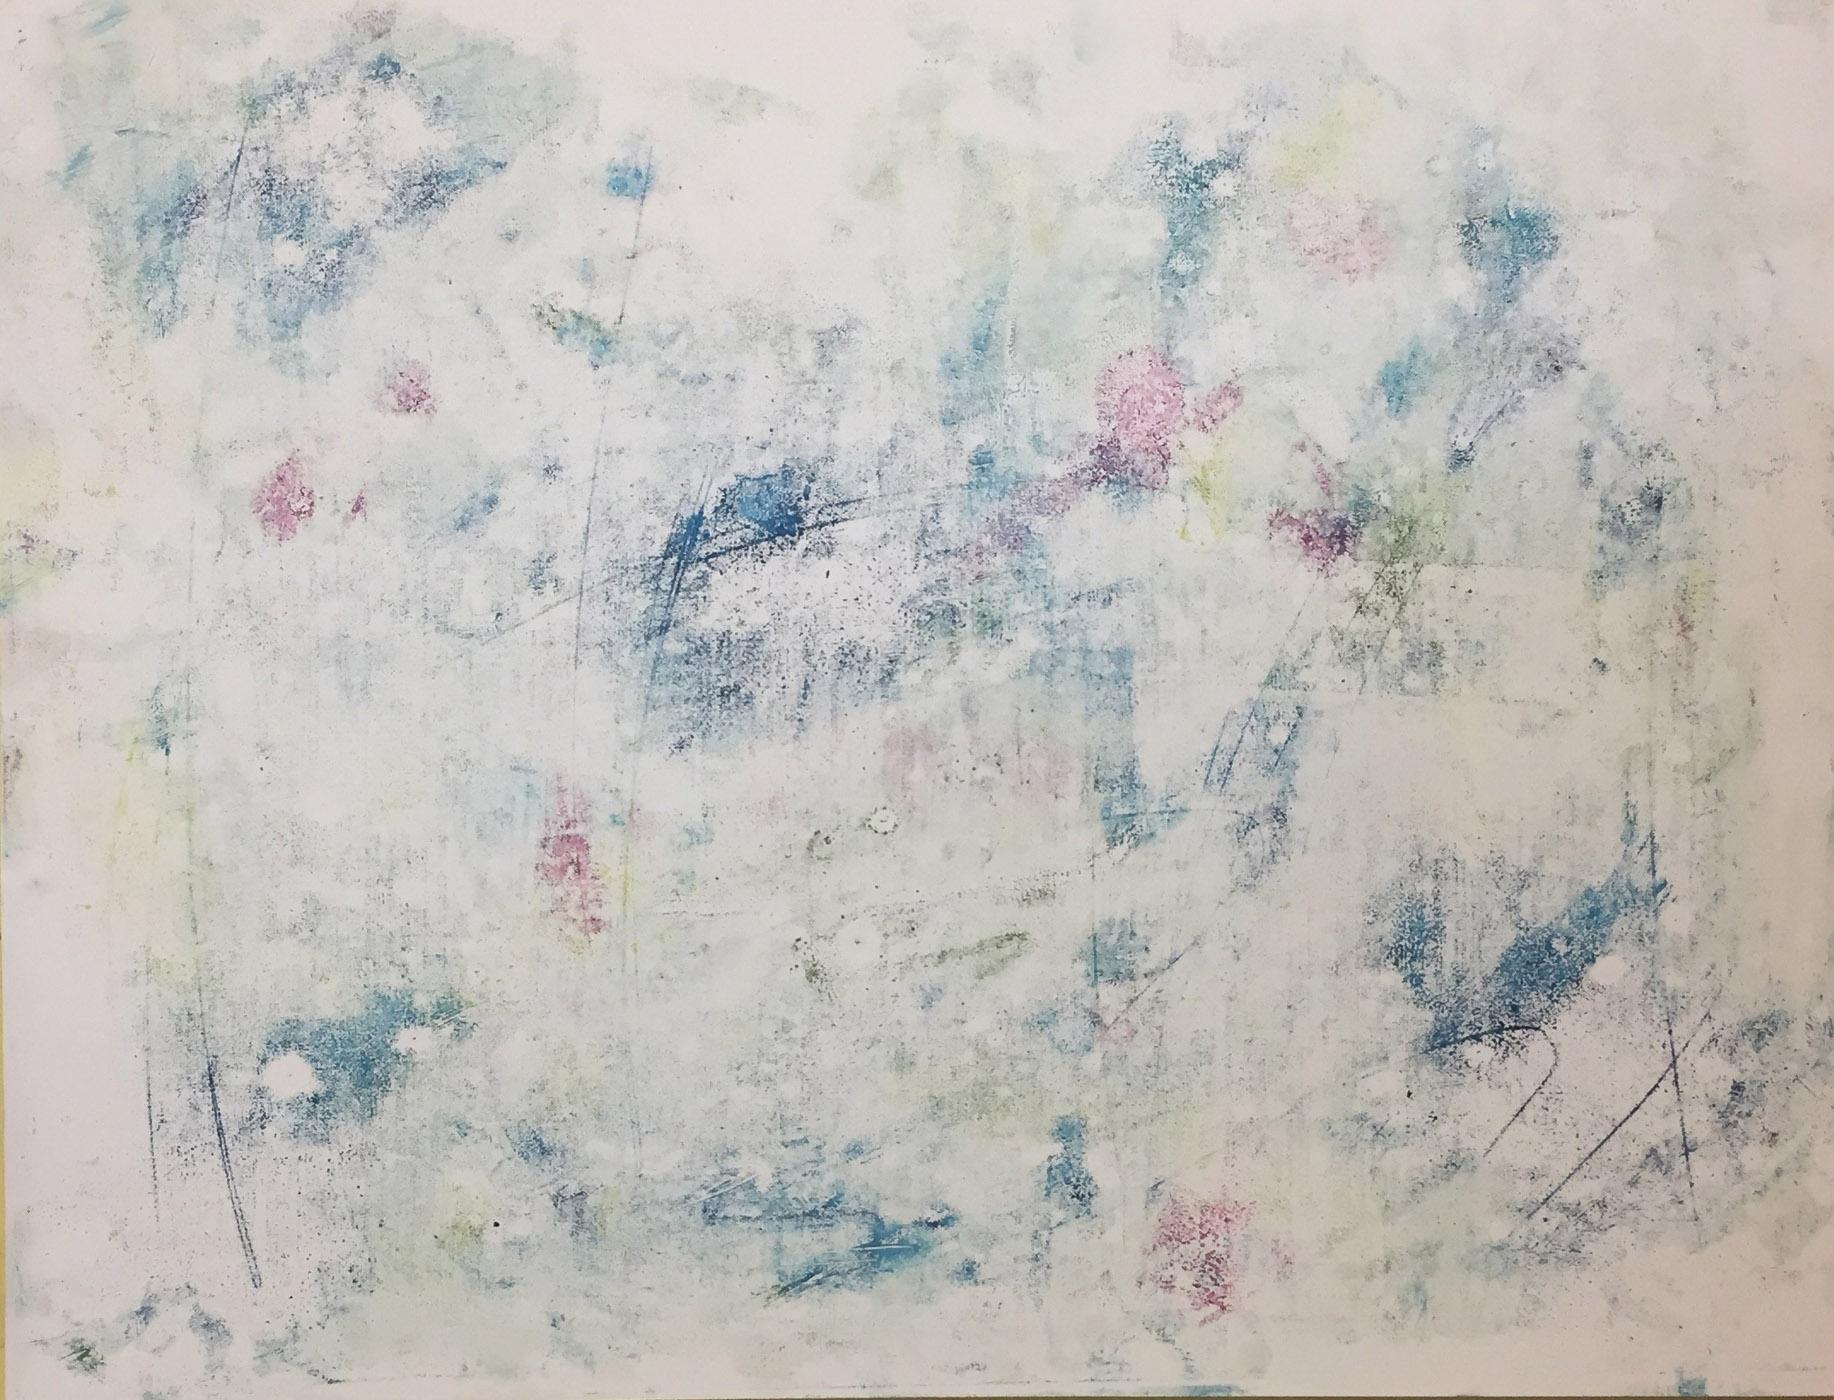 MARC FELD 2019 BIRDSONG FOR MESSIAEN 1 Huile sur papier 50 x 65 cm